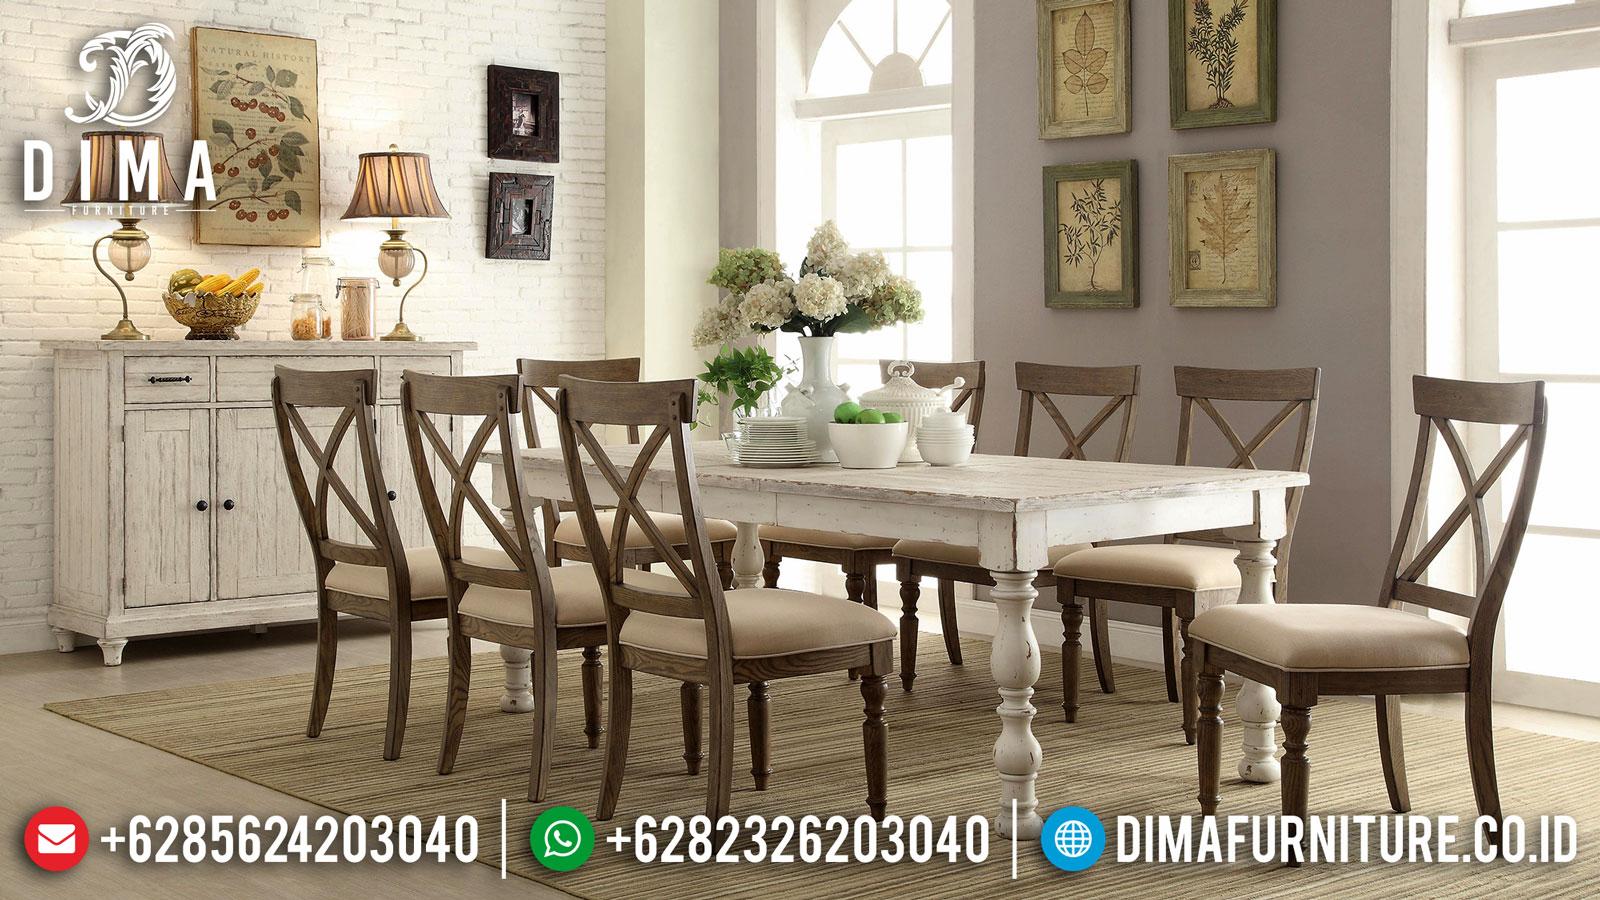 Order Now Meja Makan Minimalis Jati Natural Classic Rustic New Retro Style Mm-0854